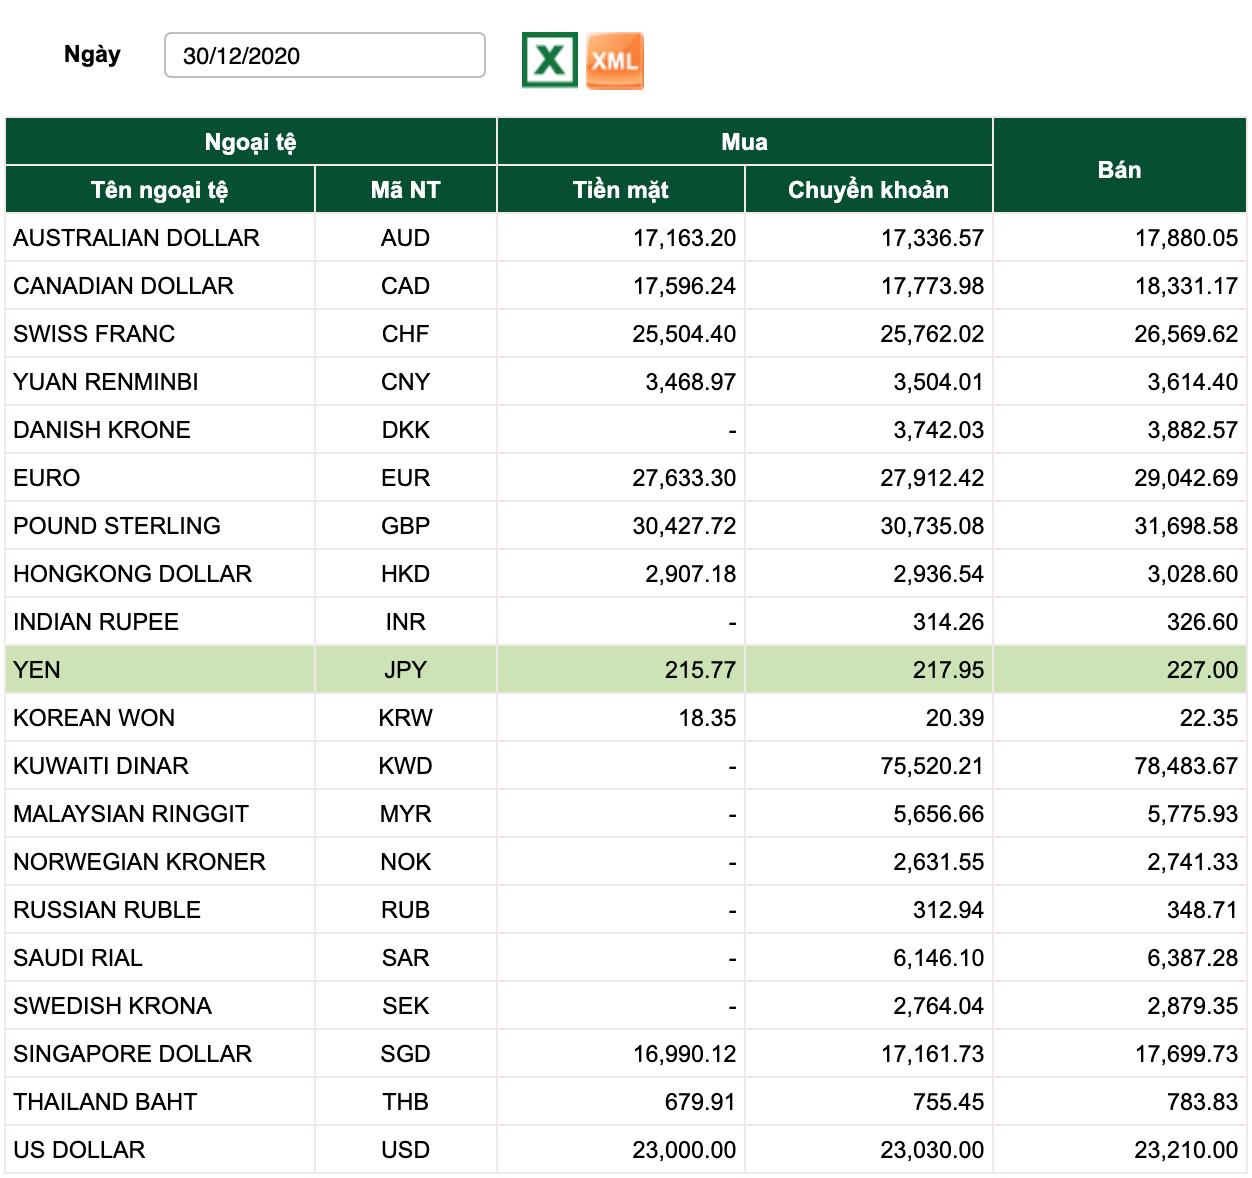 Tỷ giá Vietcombank hôm nay 30/12: Đồng USD giảm giá theo chiều thế giới